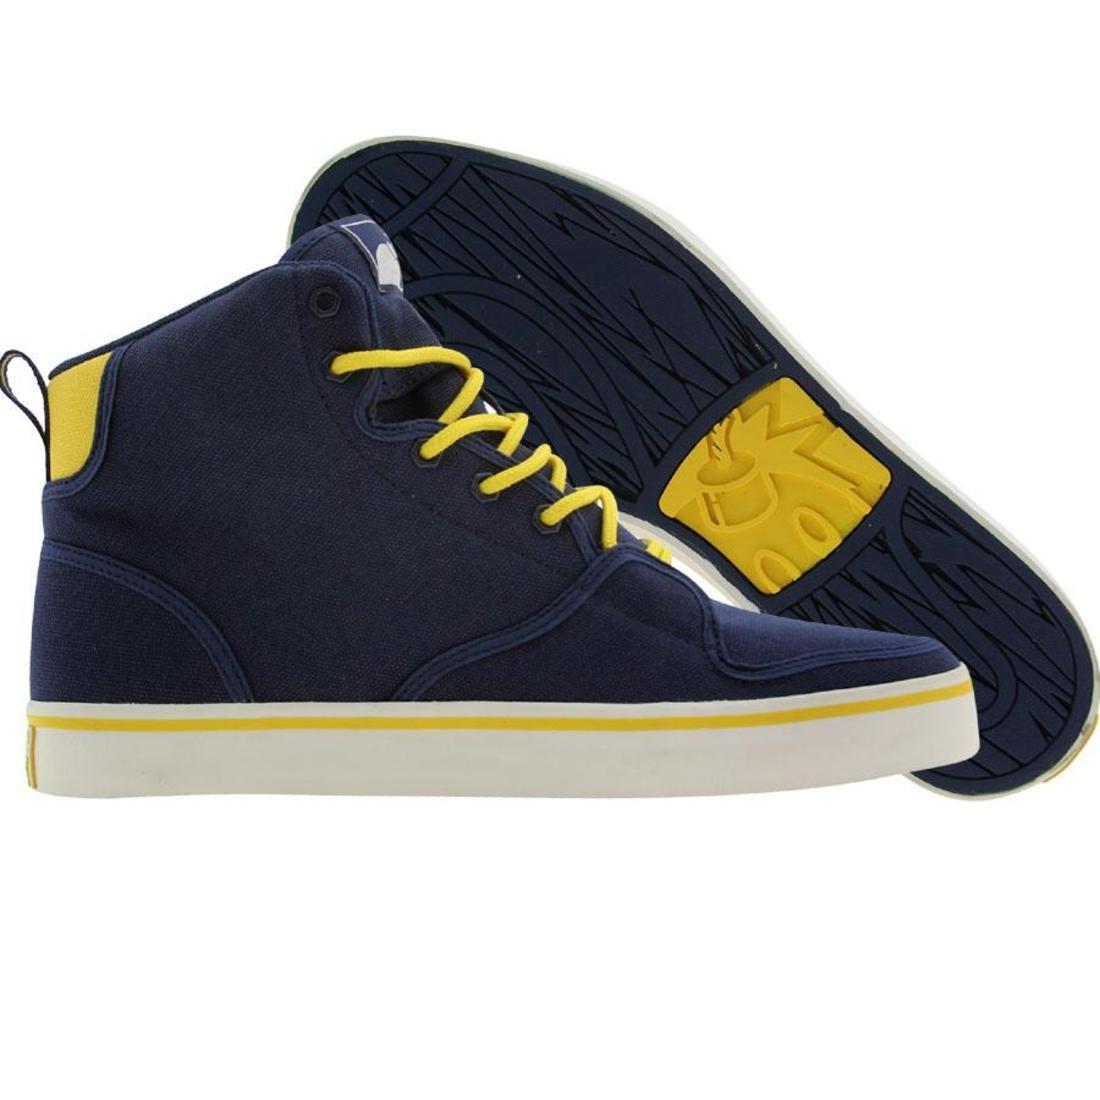 【海外限定】ハイ メンズ靴 スニーカー 【 THE HUNDREDS RILEY HIGH NAVY 】